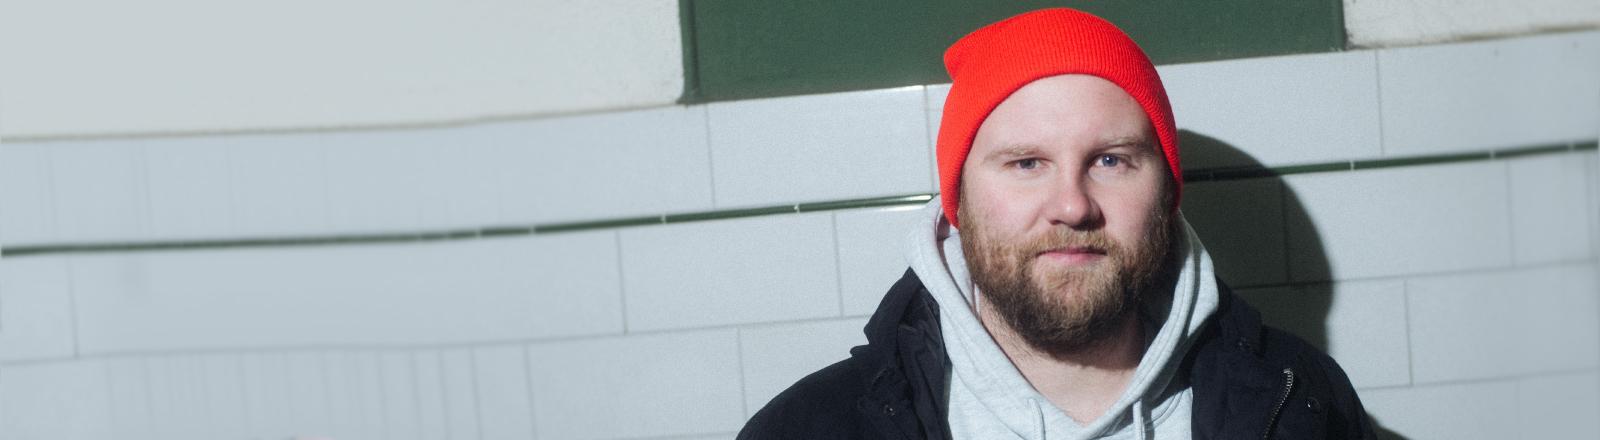 Bild von dem Gesprächspartner Max Bierhals, einem jungen Mann mit blondem Bart und roter Mütze